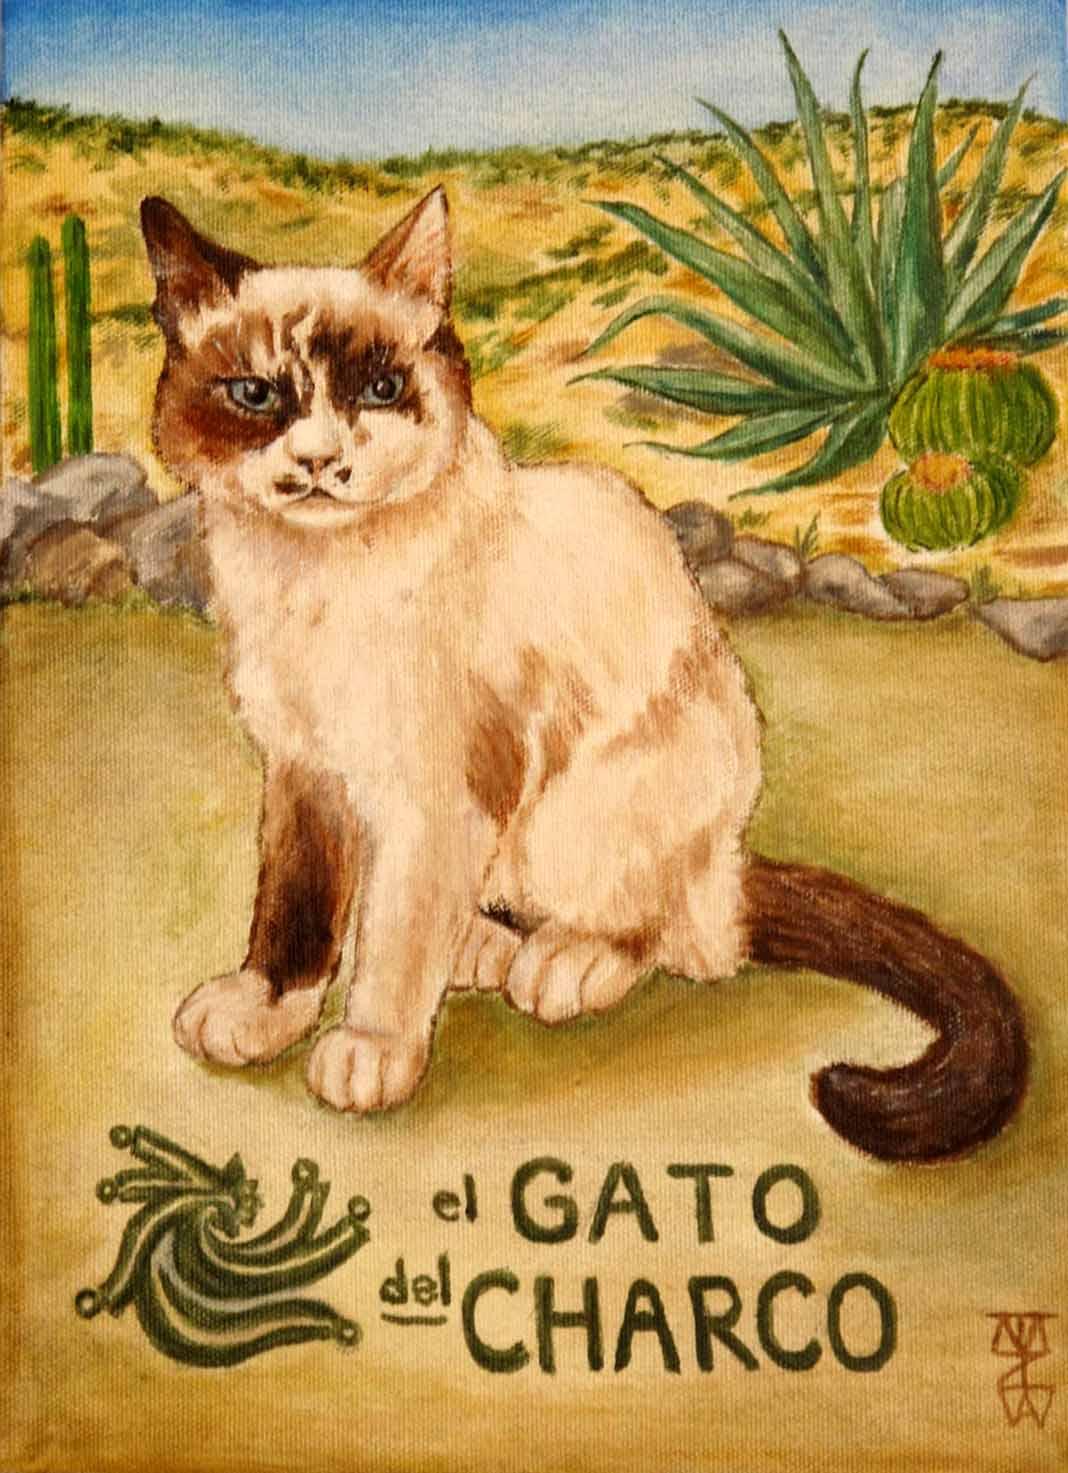 Gato+del+Charco.jpg